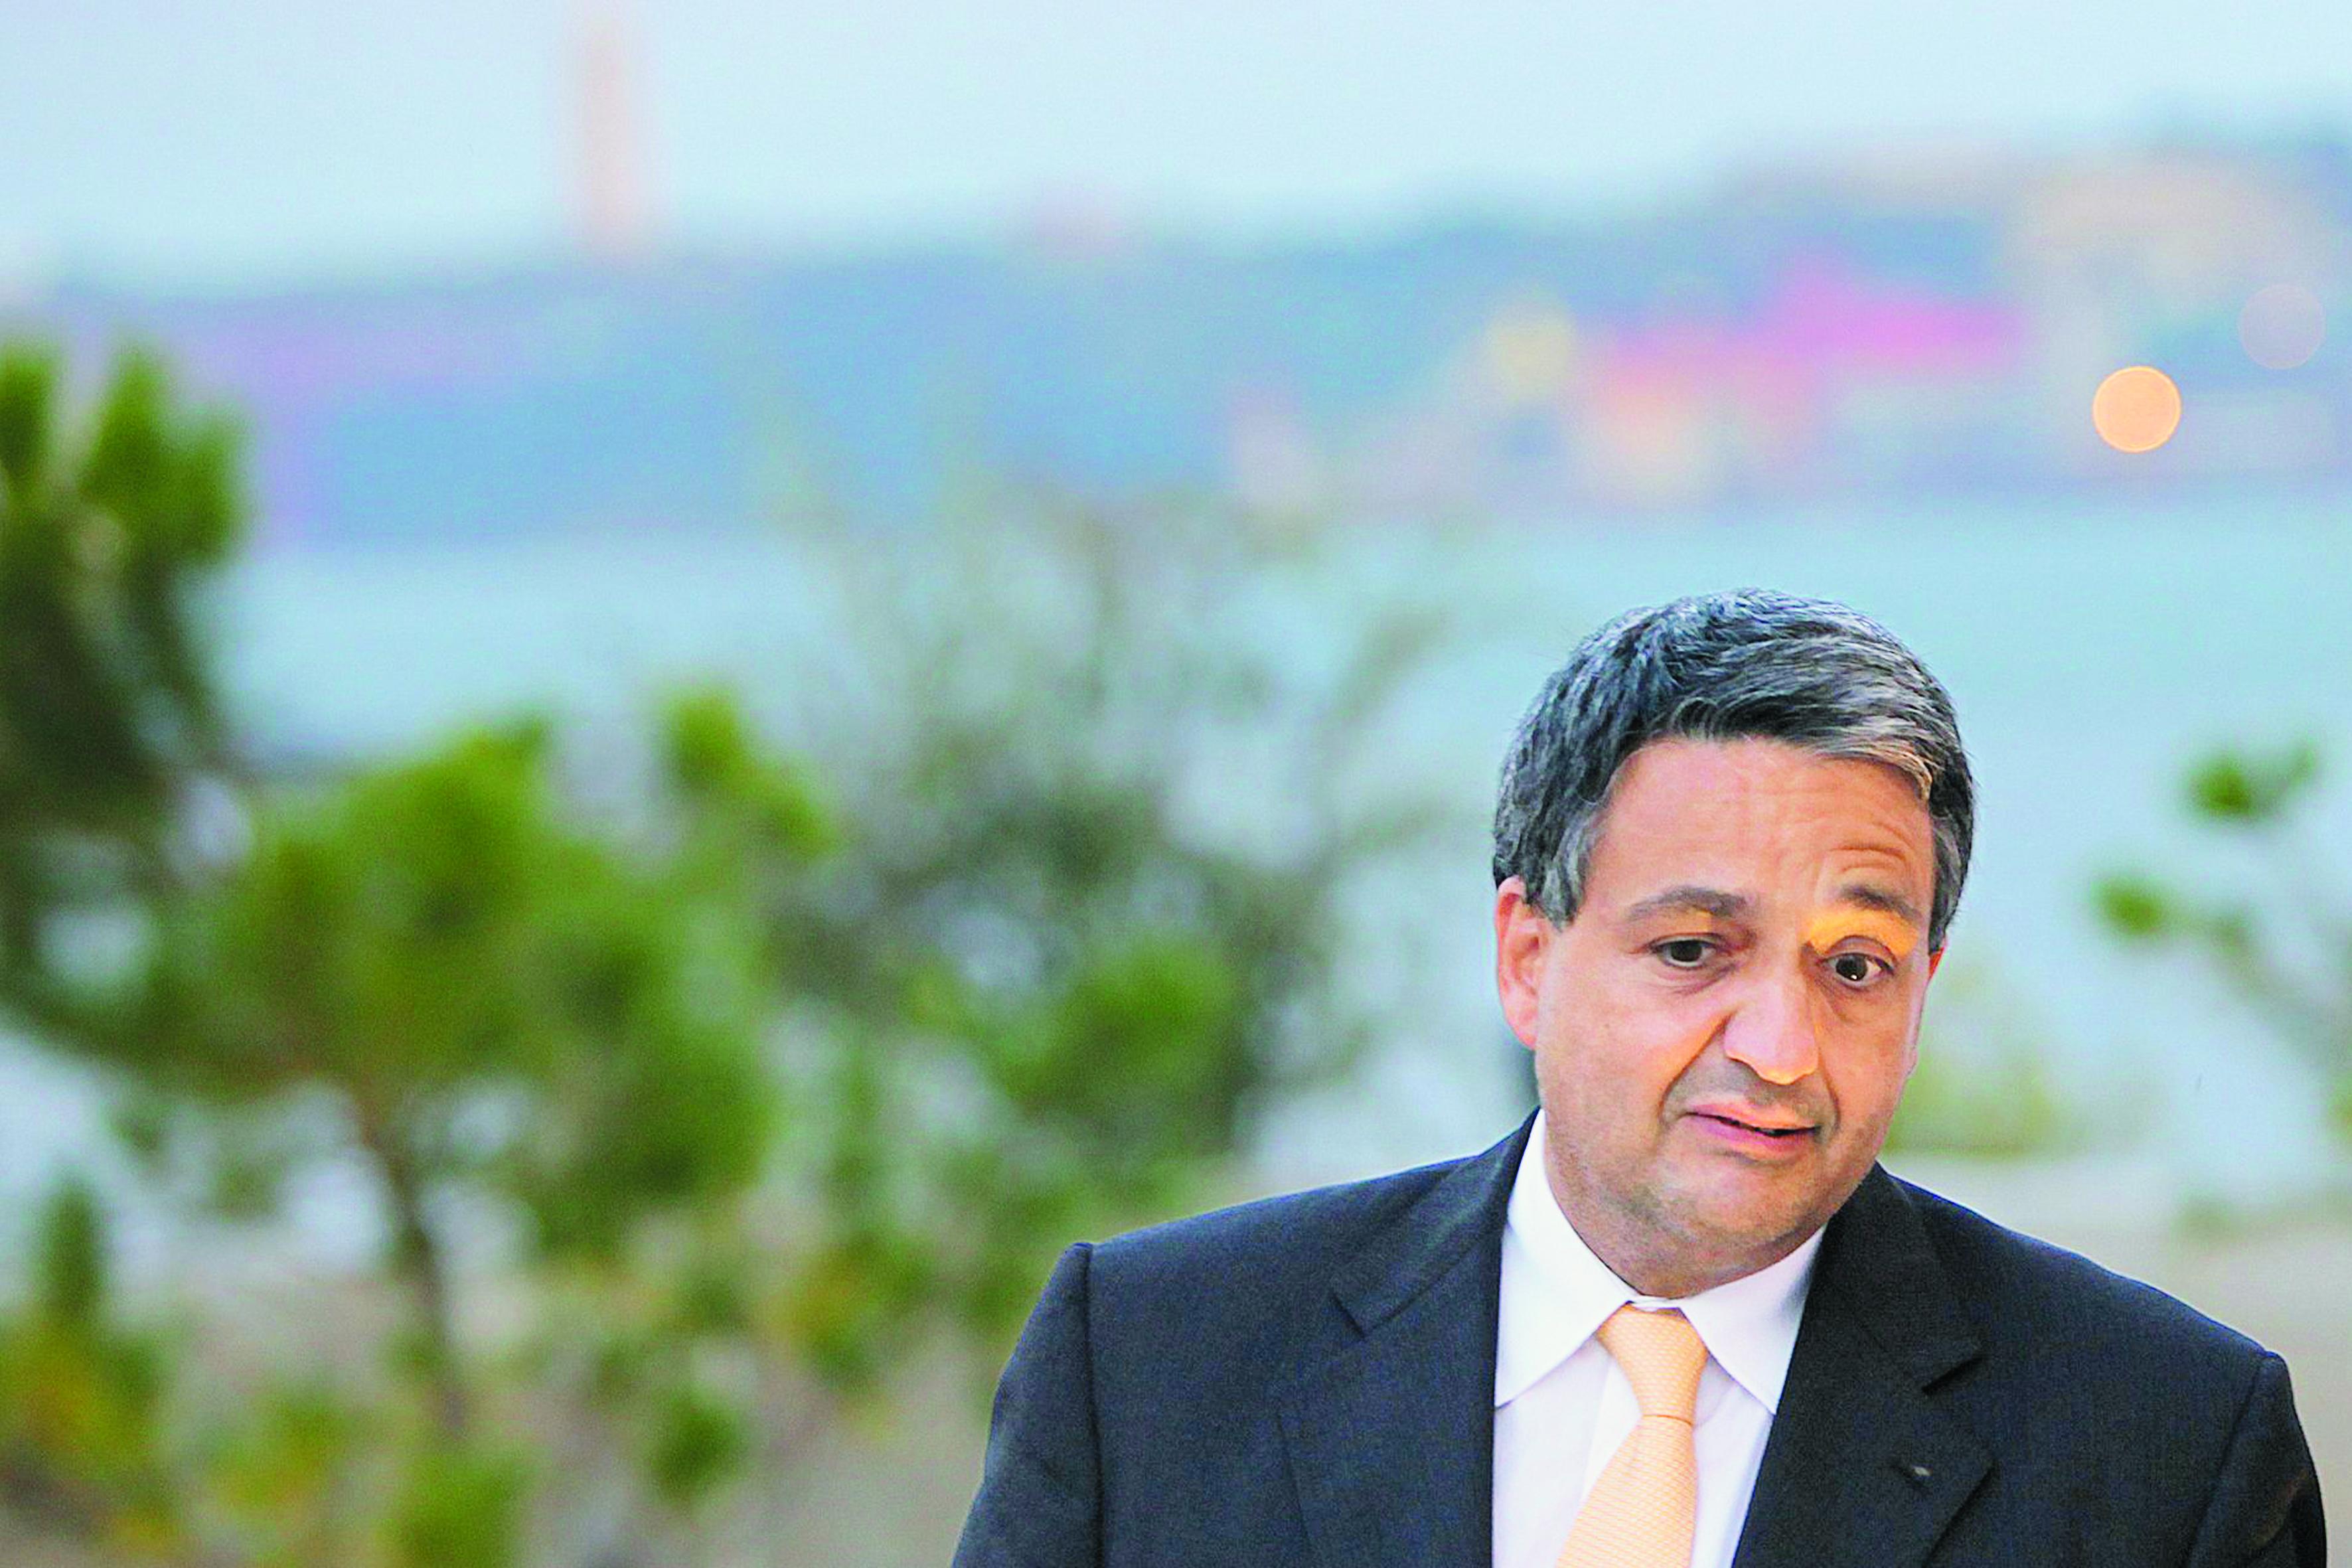 Ministério Público suspeita de favorecimento na concessão de créditos — CGD